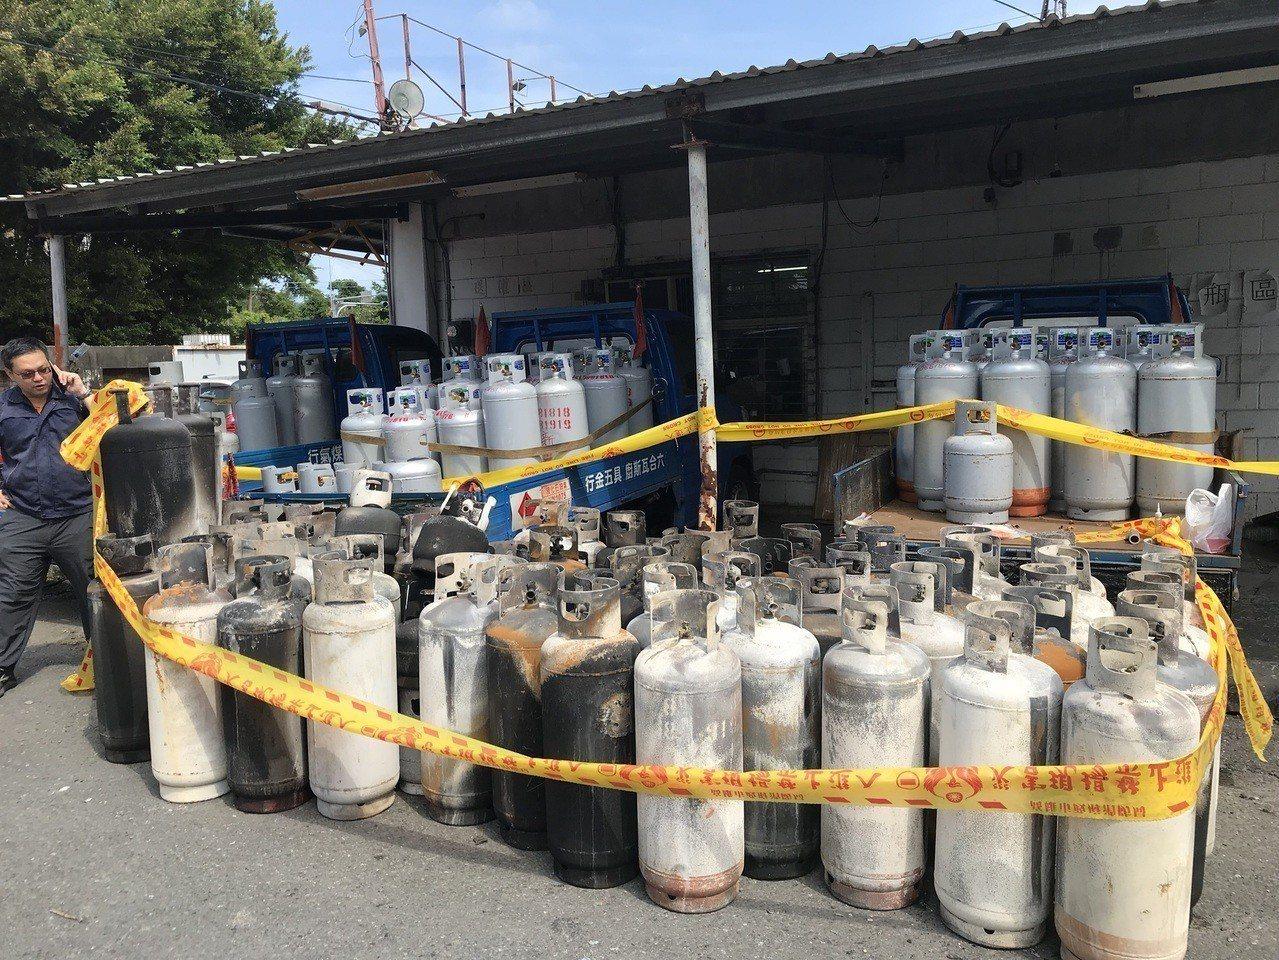 燒毀的瓦斯鋼瓶,現場用封鎖線管制。記者劉星君/翻攝